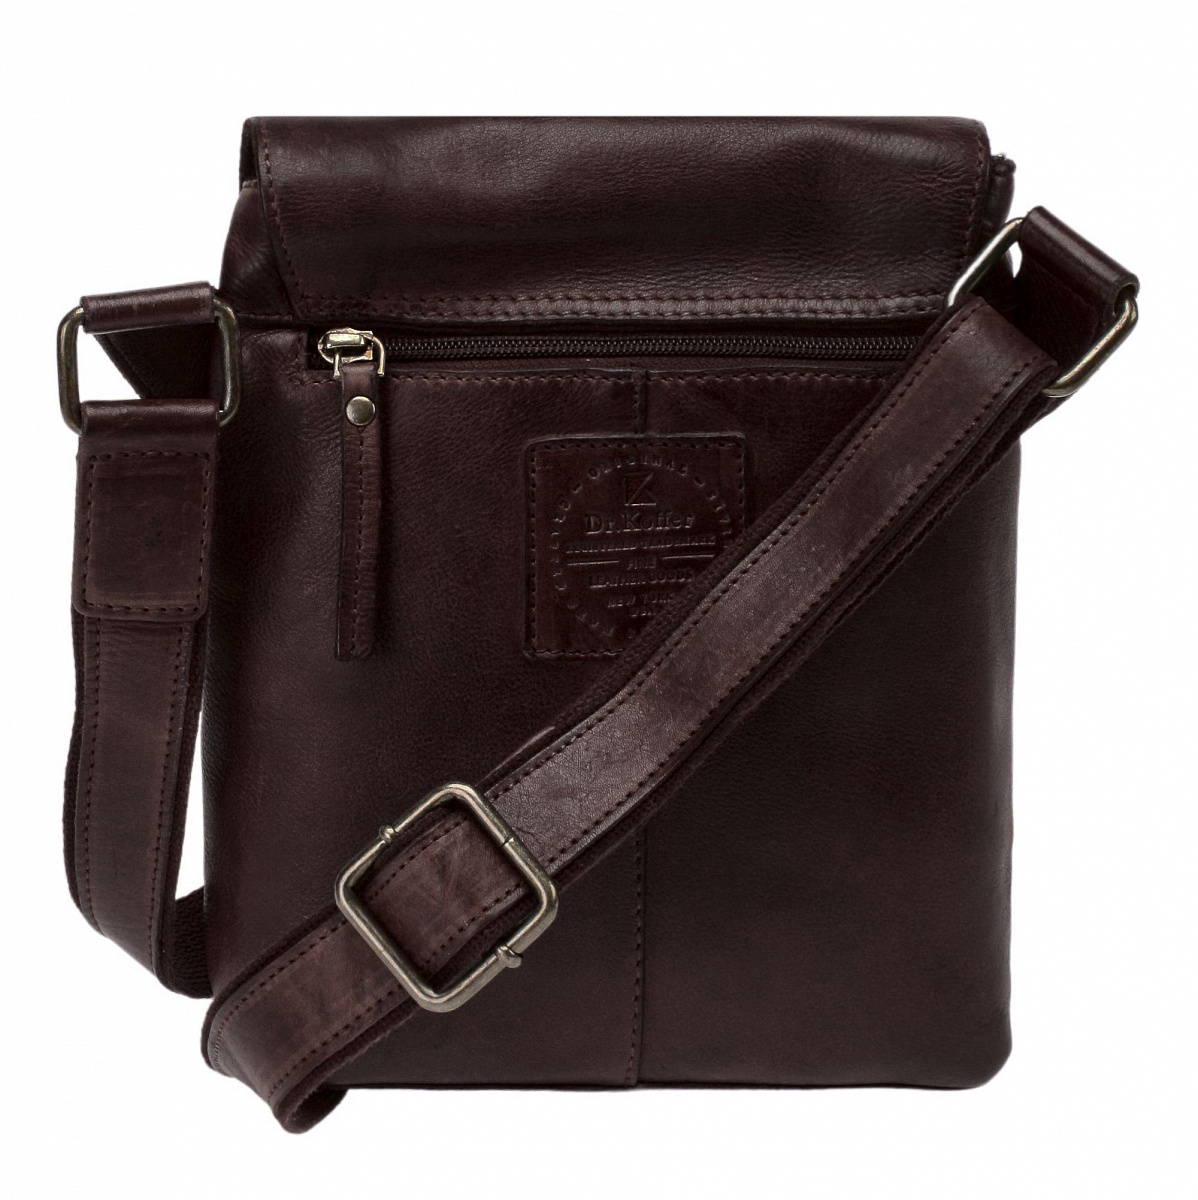 Др. Коффер M402352-249-09 сумка через плечо 23х18х5,5см